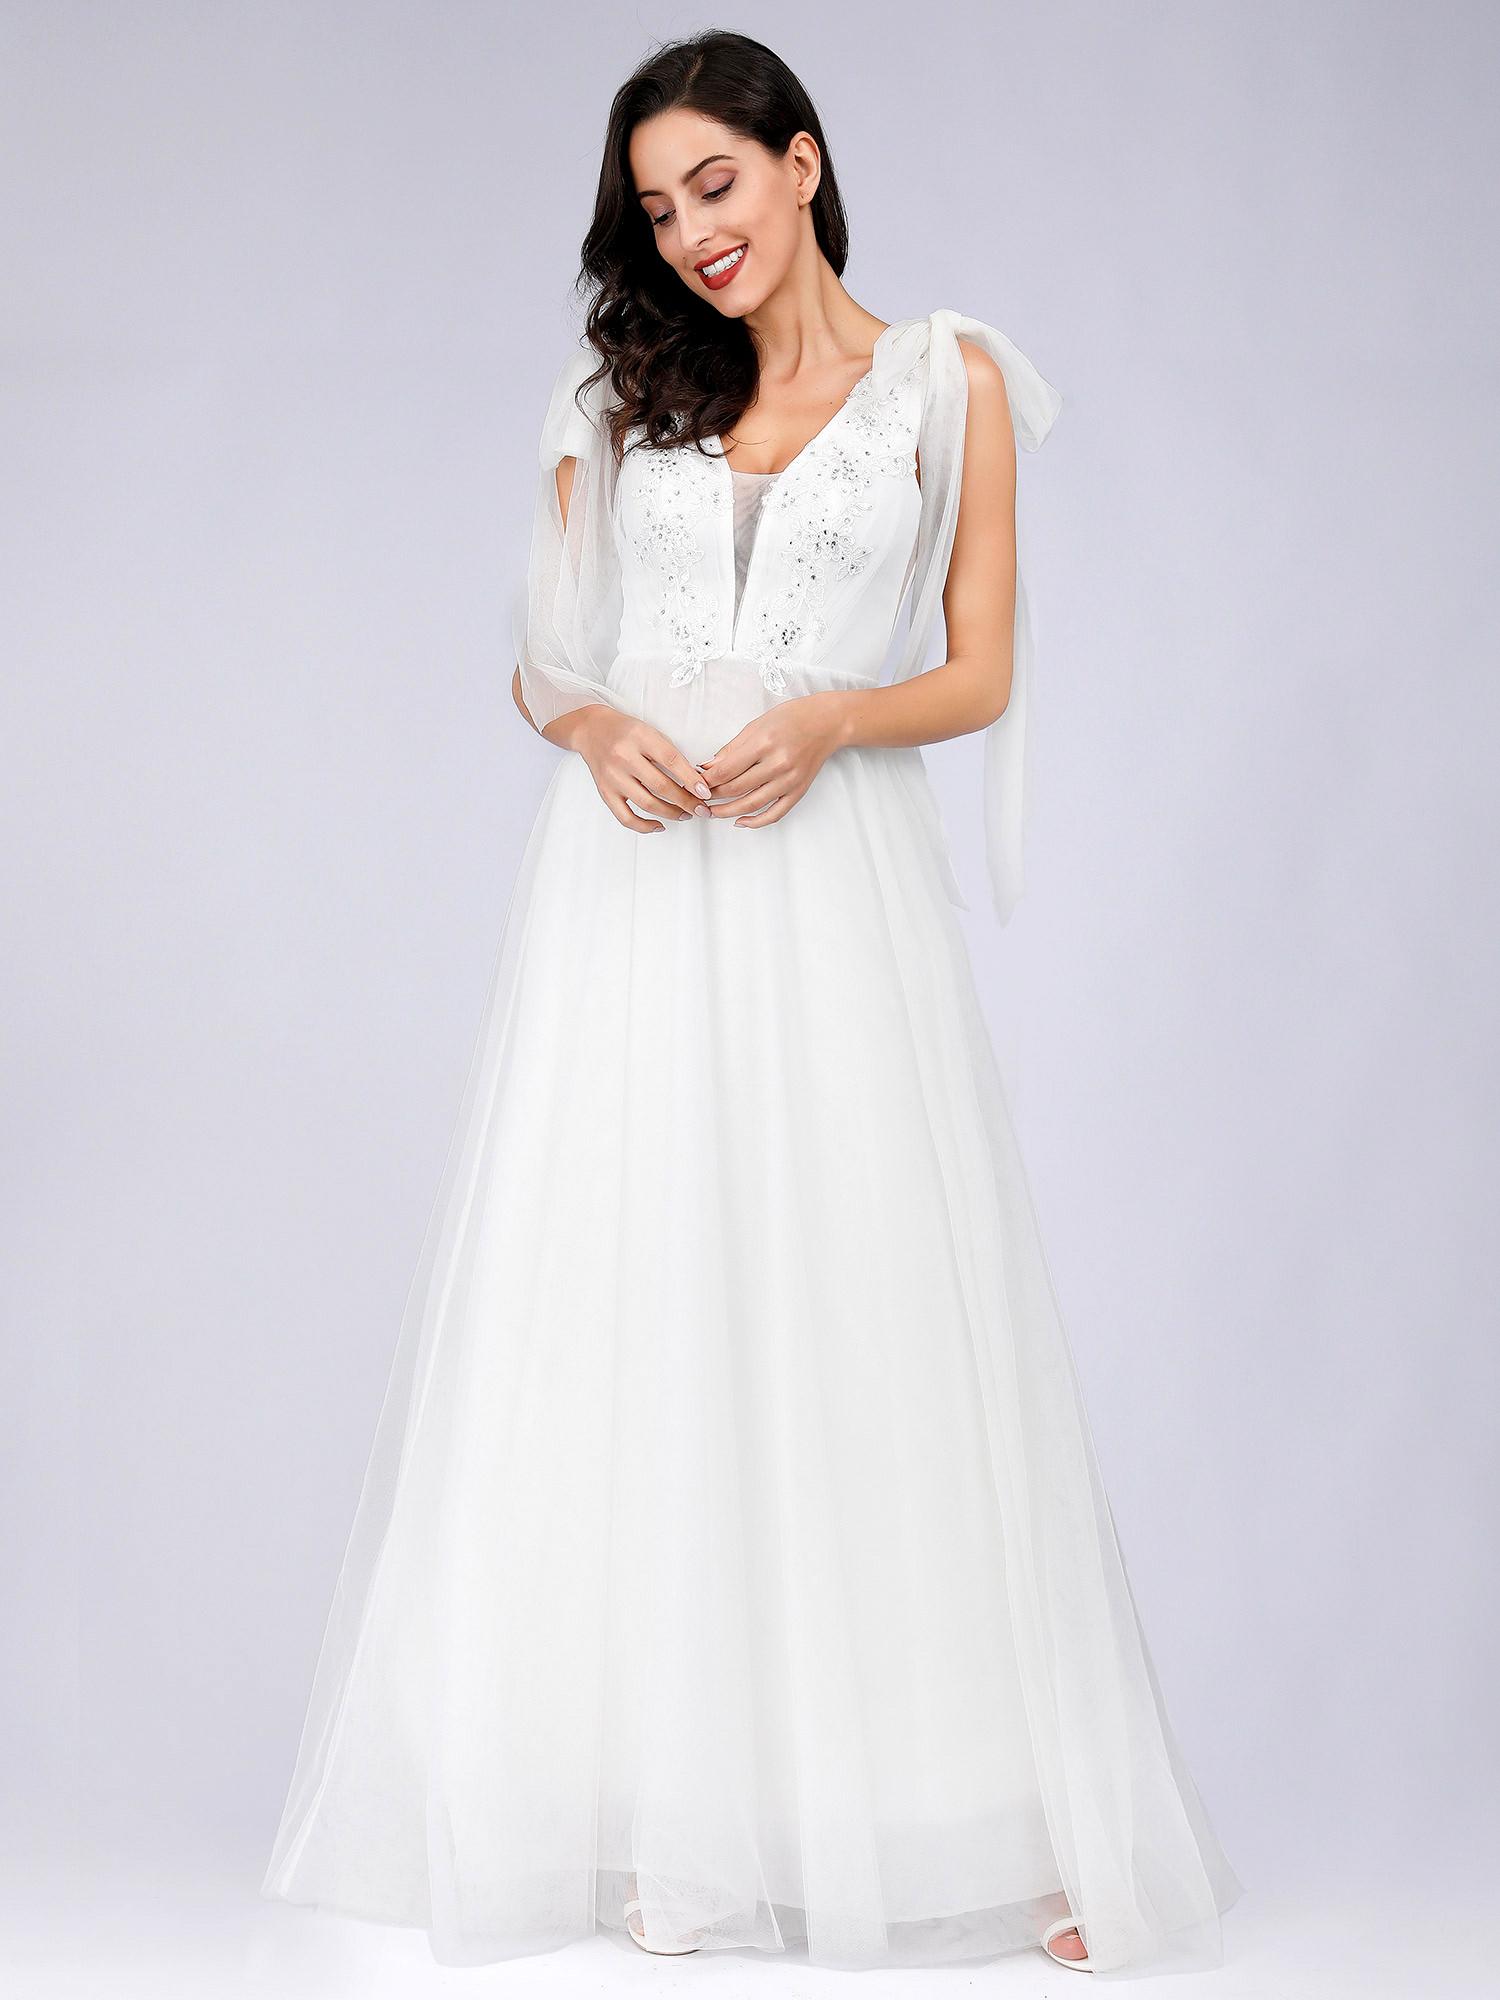 MEID ANNA Svatební dlouhé ŠATY EP07836-1 bílá XS /S / M / L / XL - dodání do 10-15 dnů